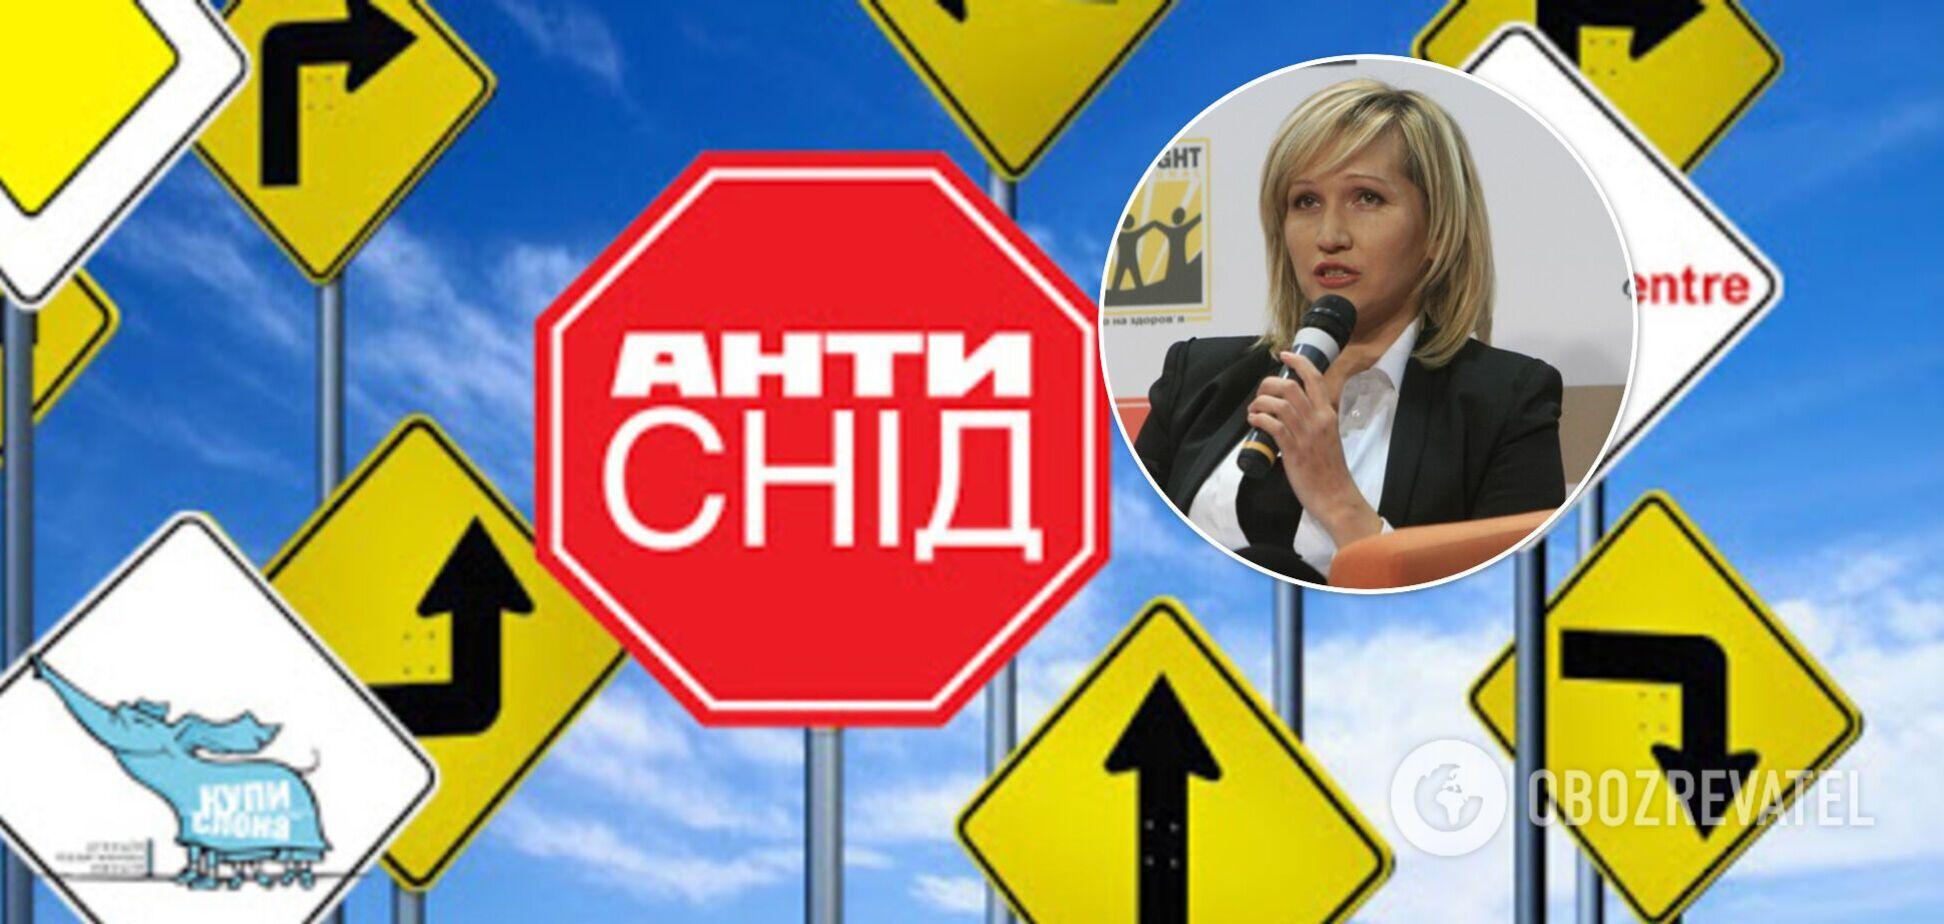 Британский фонд Елены Пинчук будет окончательно закрыт с 16 марта